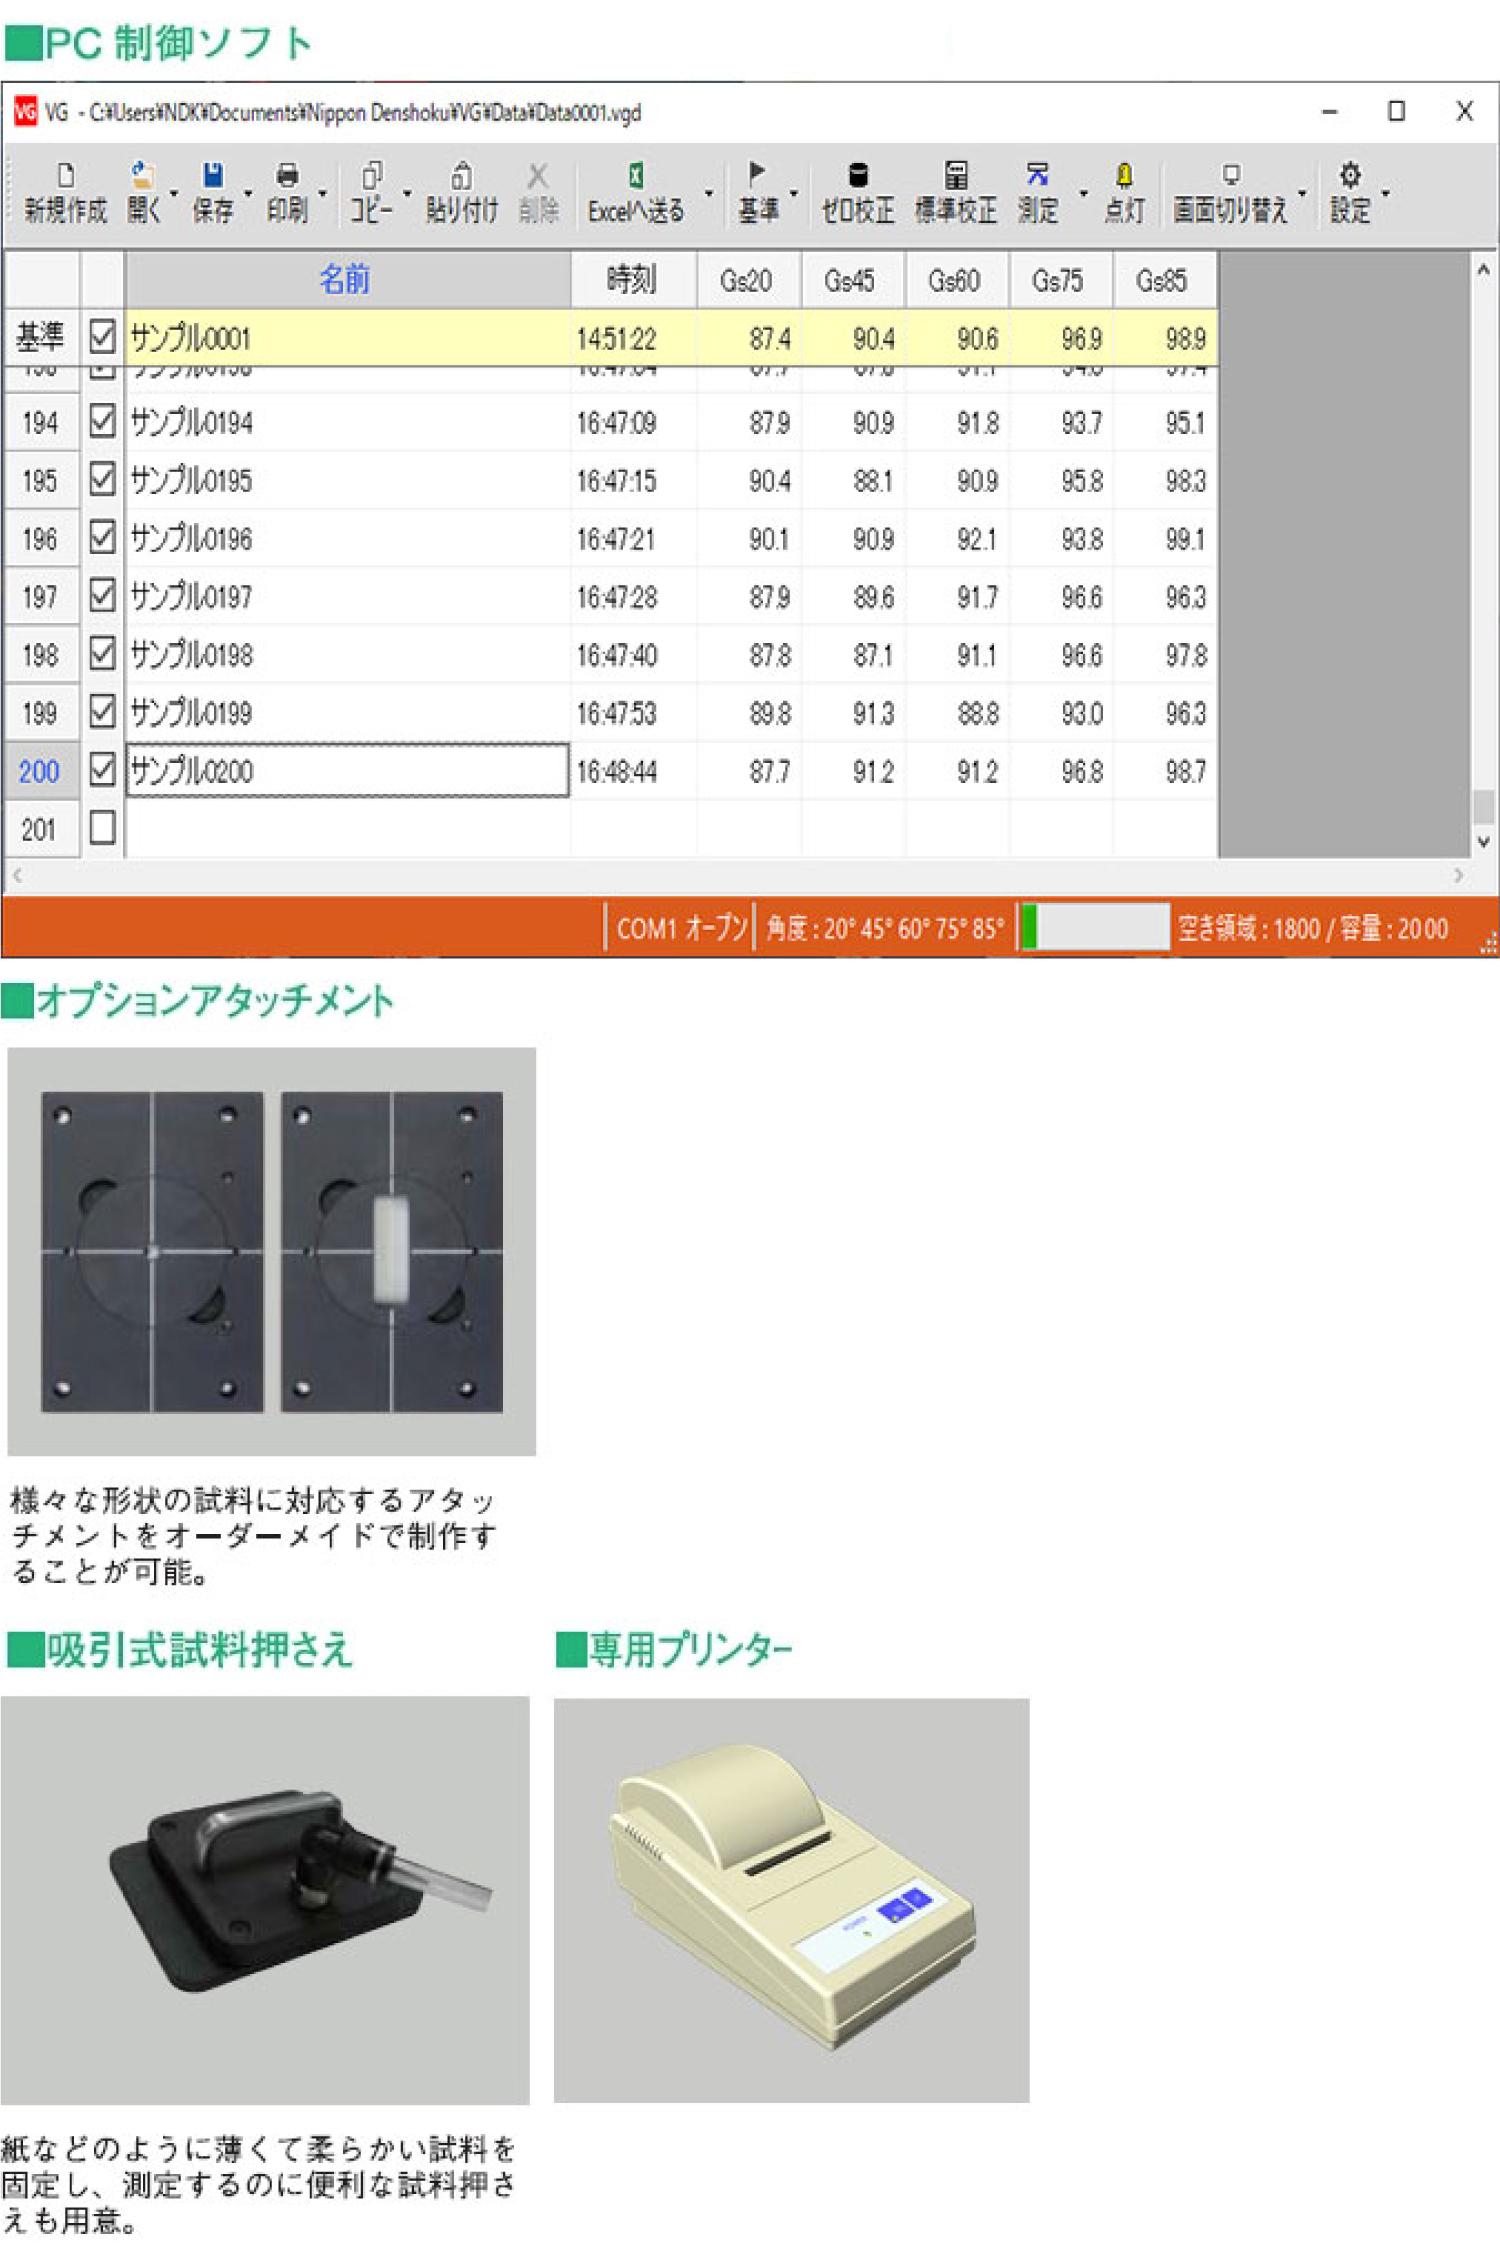 光沢計VG 8000資料